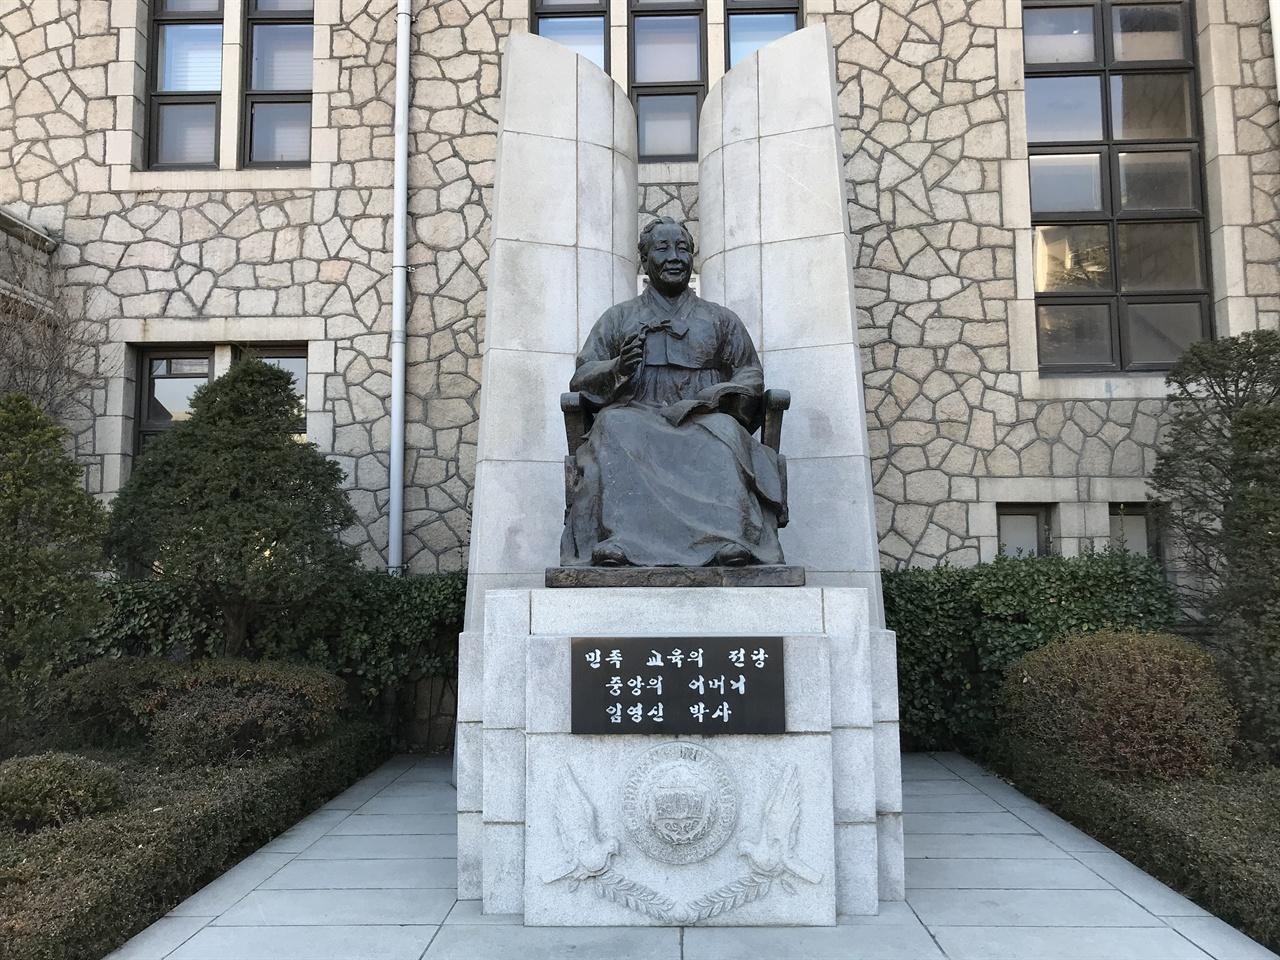 승당 임영신 동상 1959년 10월 23일 승당 임영신 회갑을 맞아 제작한 동상. 살아있는 사람의 동상 제작은 흔치 않은데 이승만도, 임영신도 살아 있을 때 동상을 만들었다. 이 동상은 건립 당시 도서관 앞에 있다가 지금은 영신관 앞으로 옮겼다.